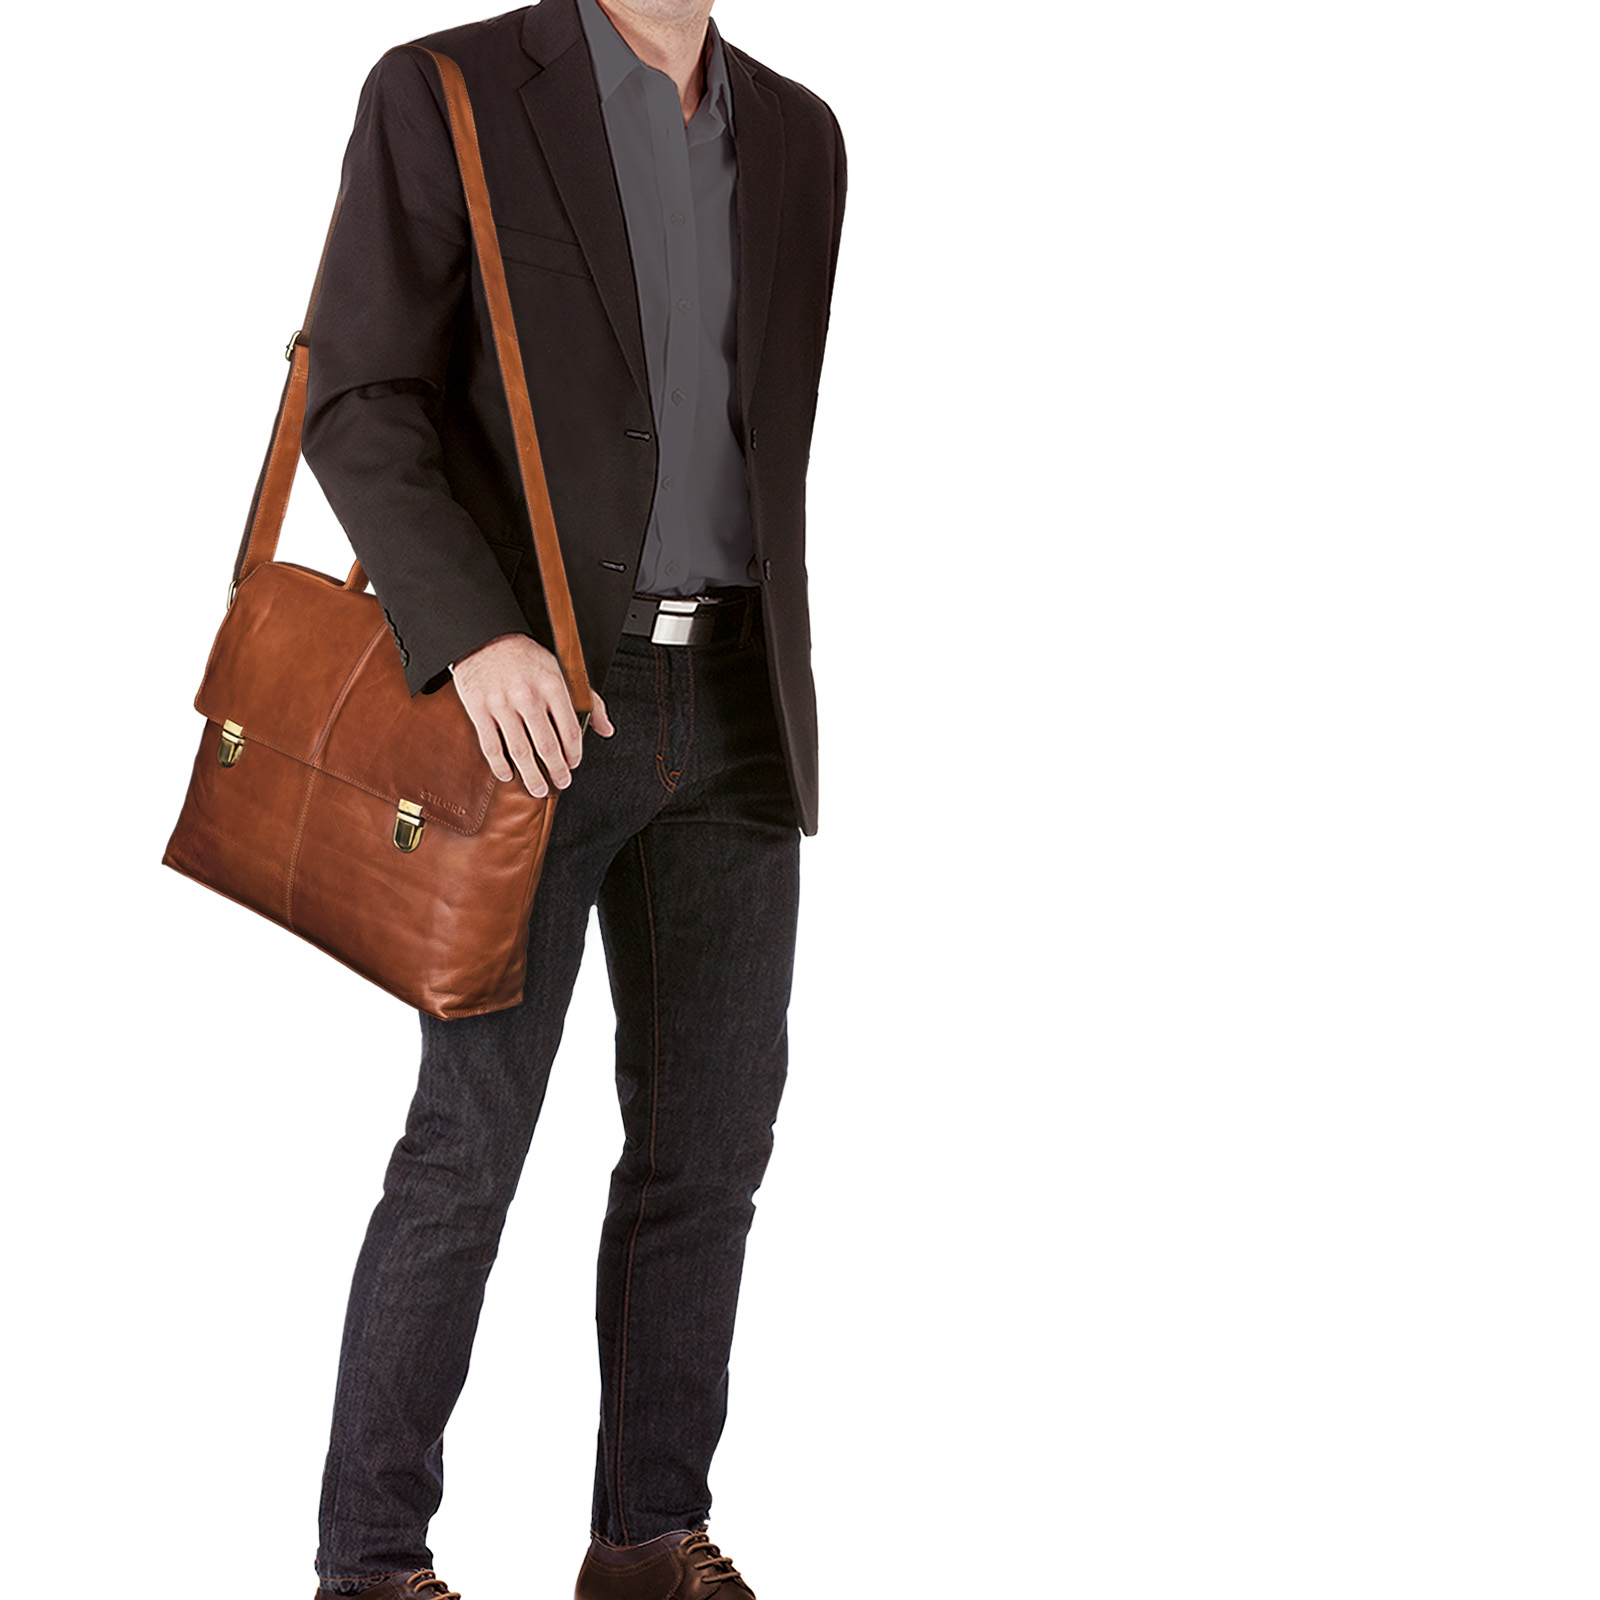 STILORD Vintage Leder Aktentasche im Retro Stil 15,6 Zoll Laptoptasche Umhängetasche Büro Uni aus echtem Büffel Leder cognac braun - Bild 2